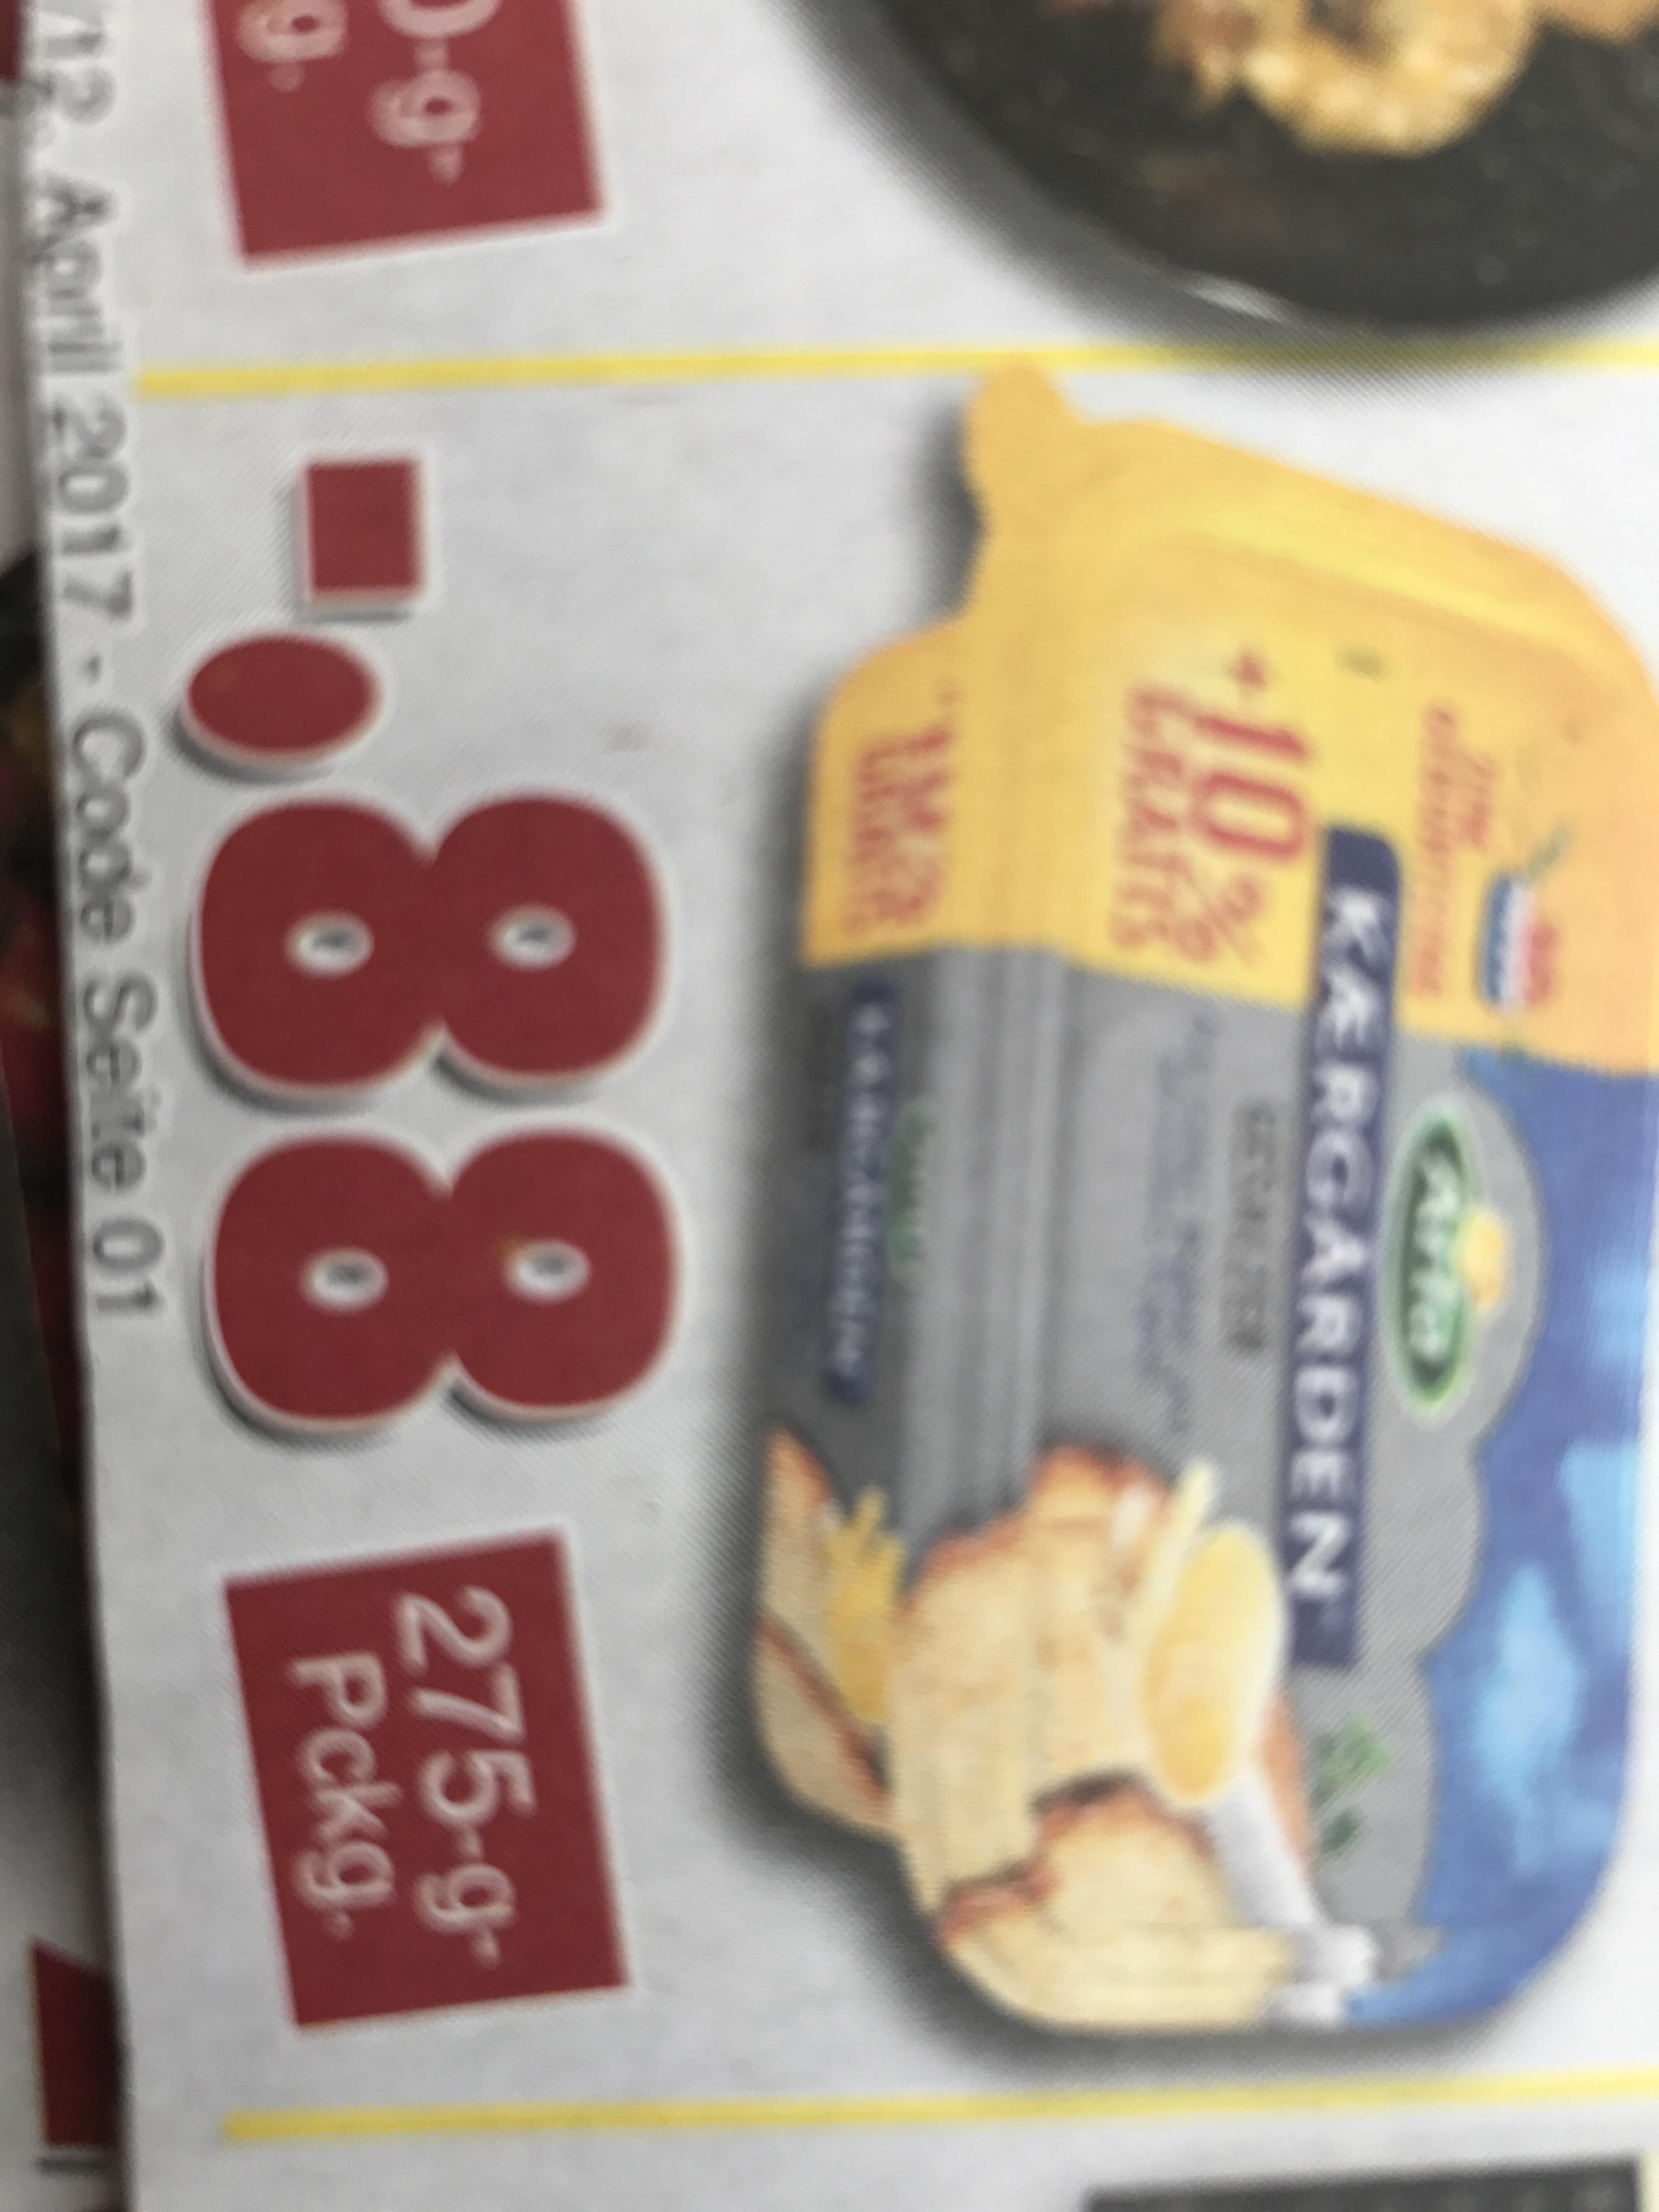 arla Kaergarden gesalzene Butter 275g (+25g) bei jawoll